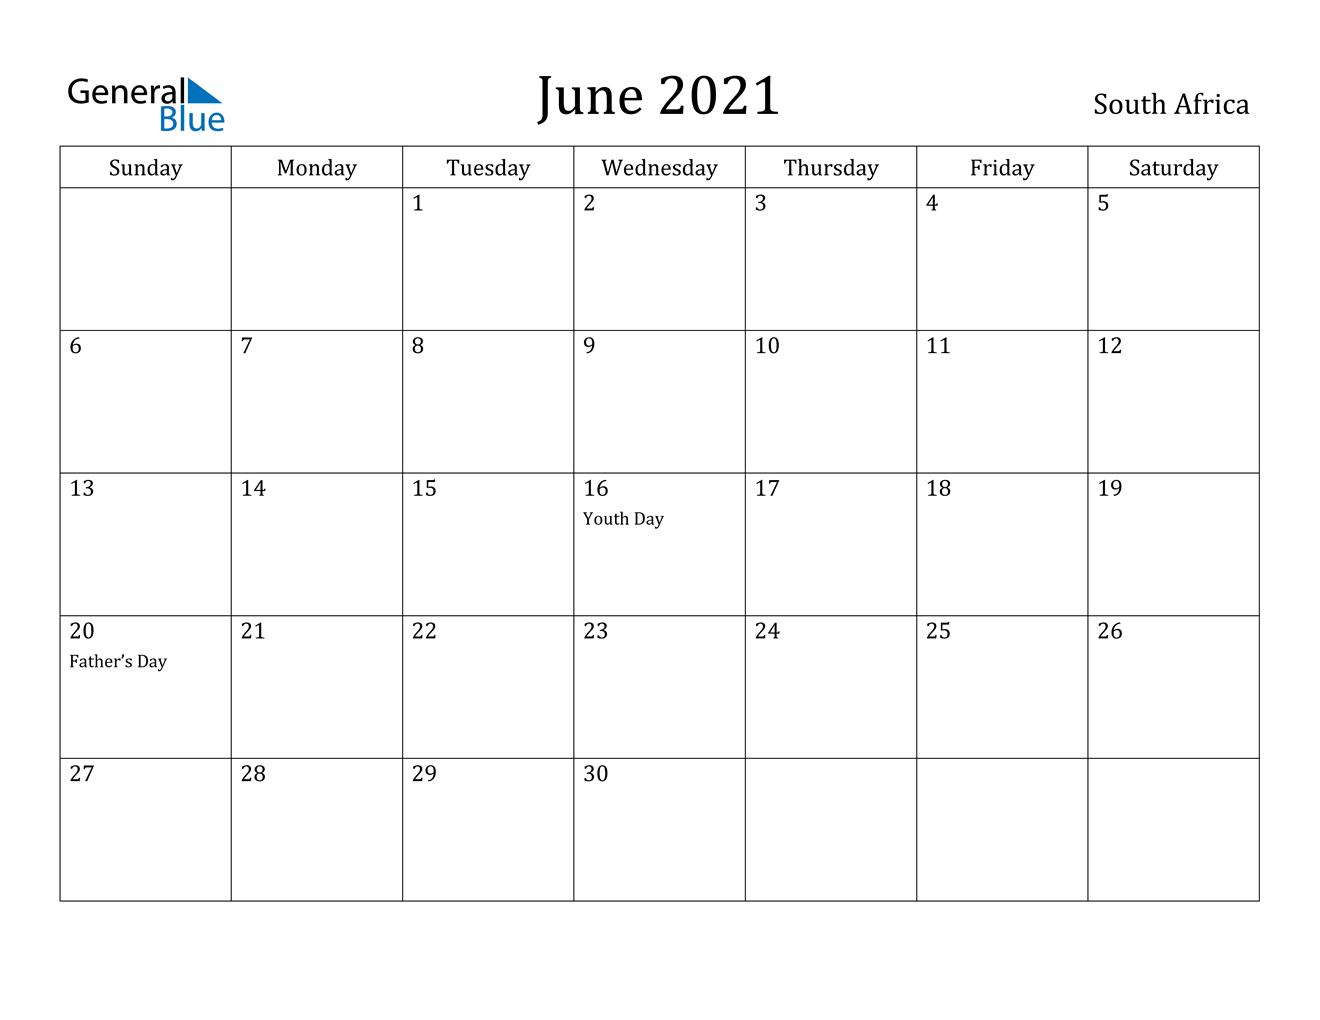 June 2021 Calendar - South Africa